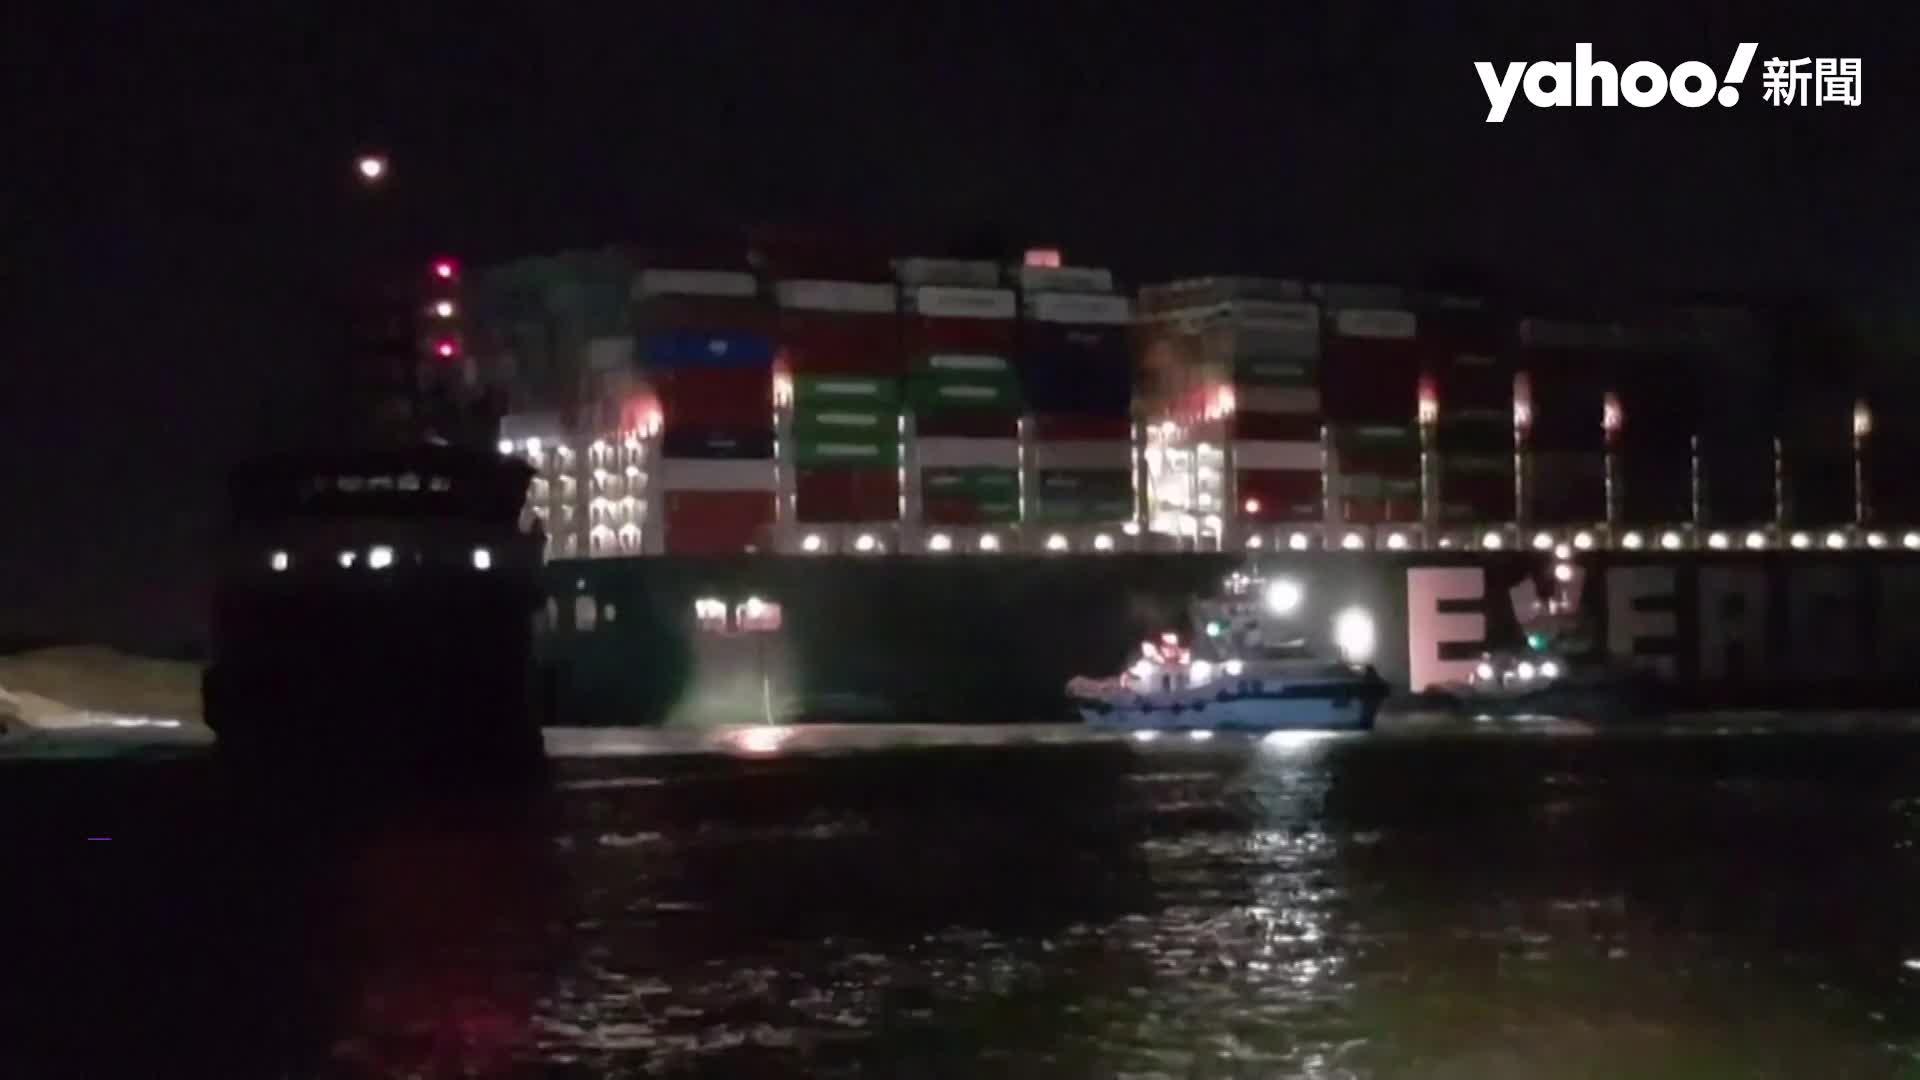 長榮貨運卡蘇伊士運河第六天 挖土機工作現場直擊